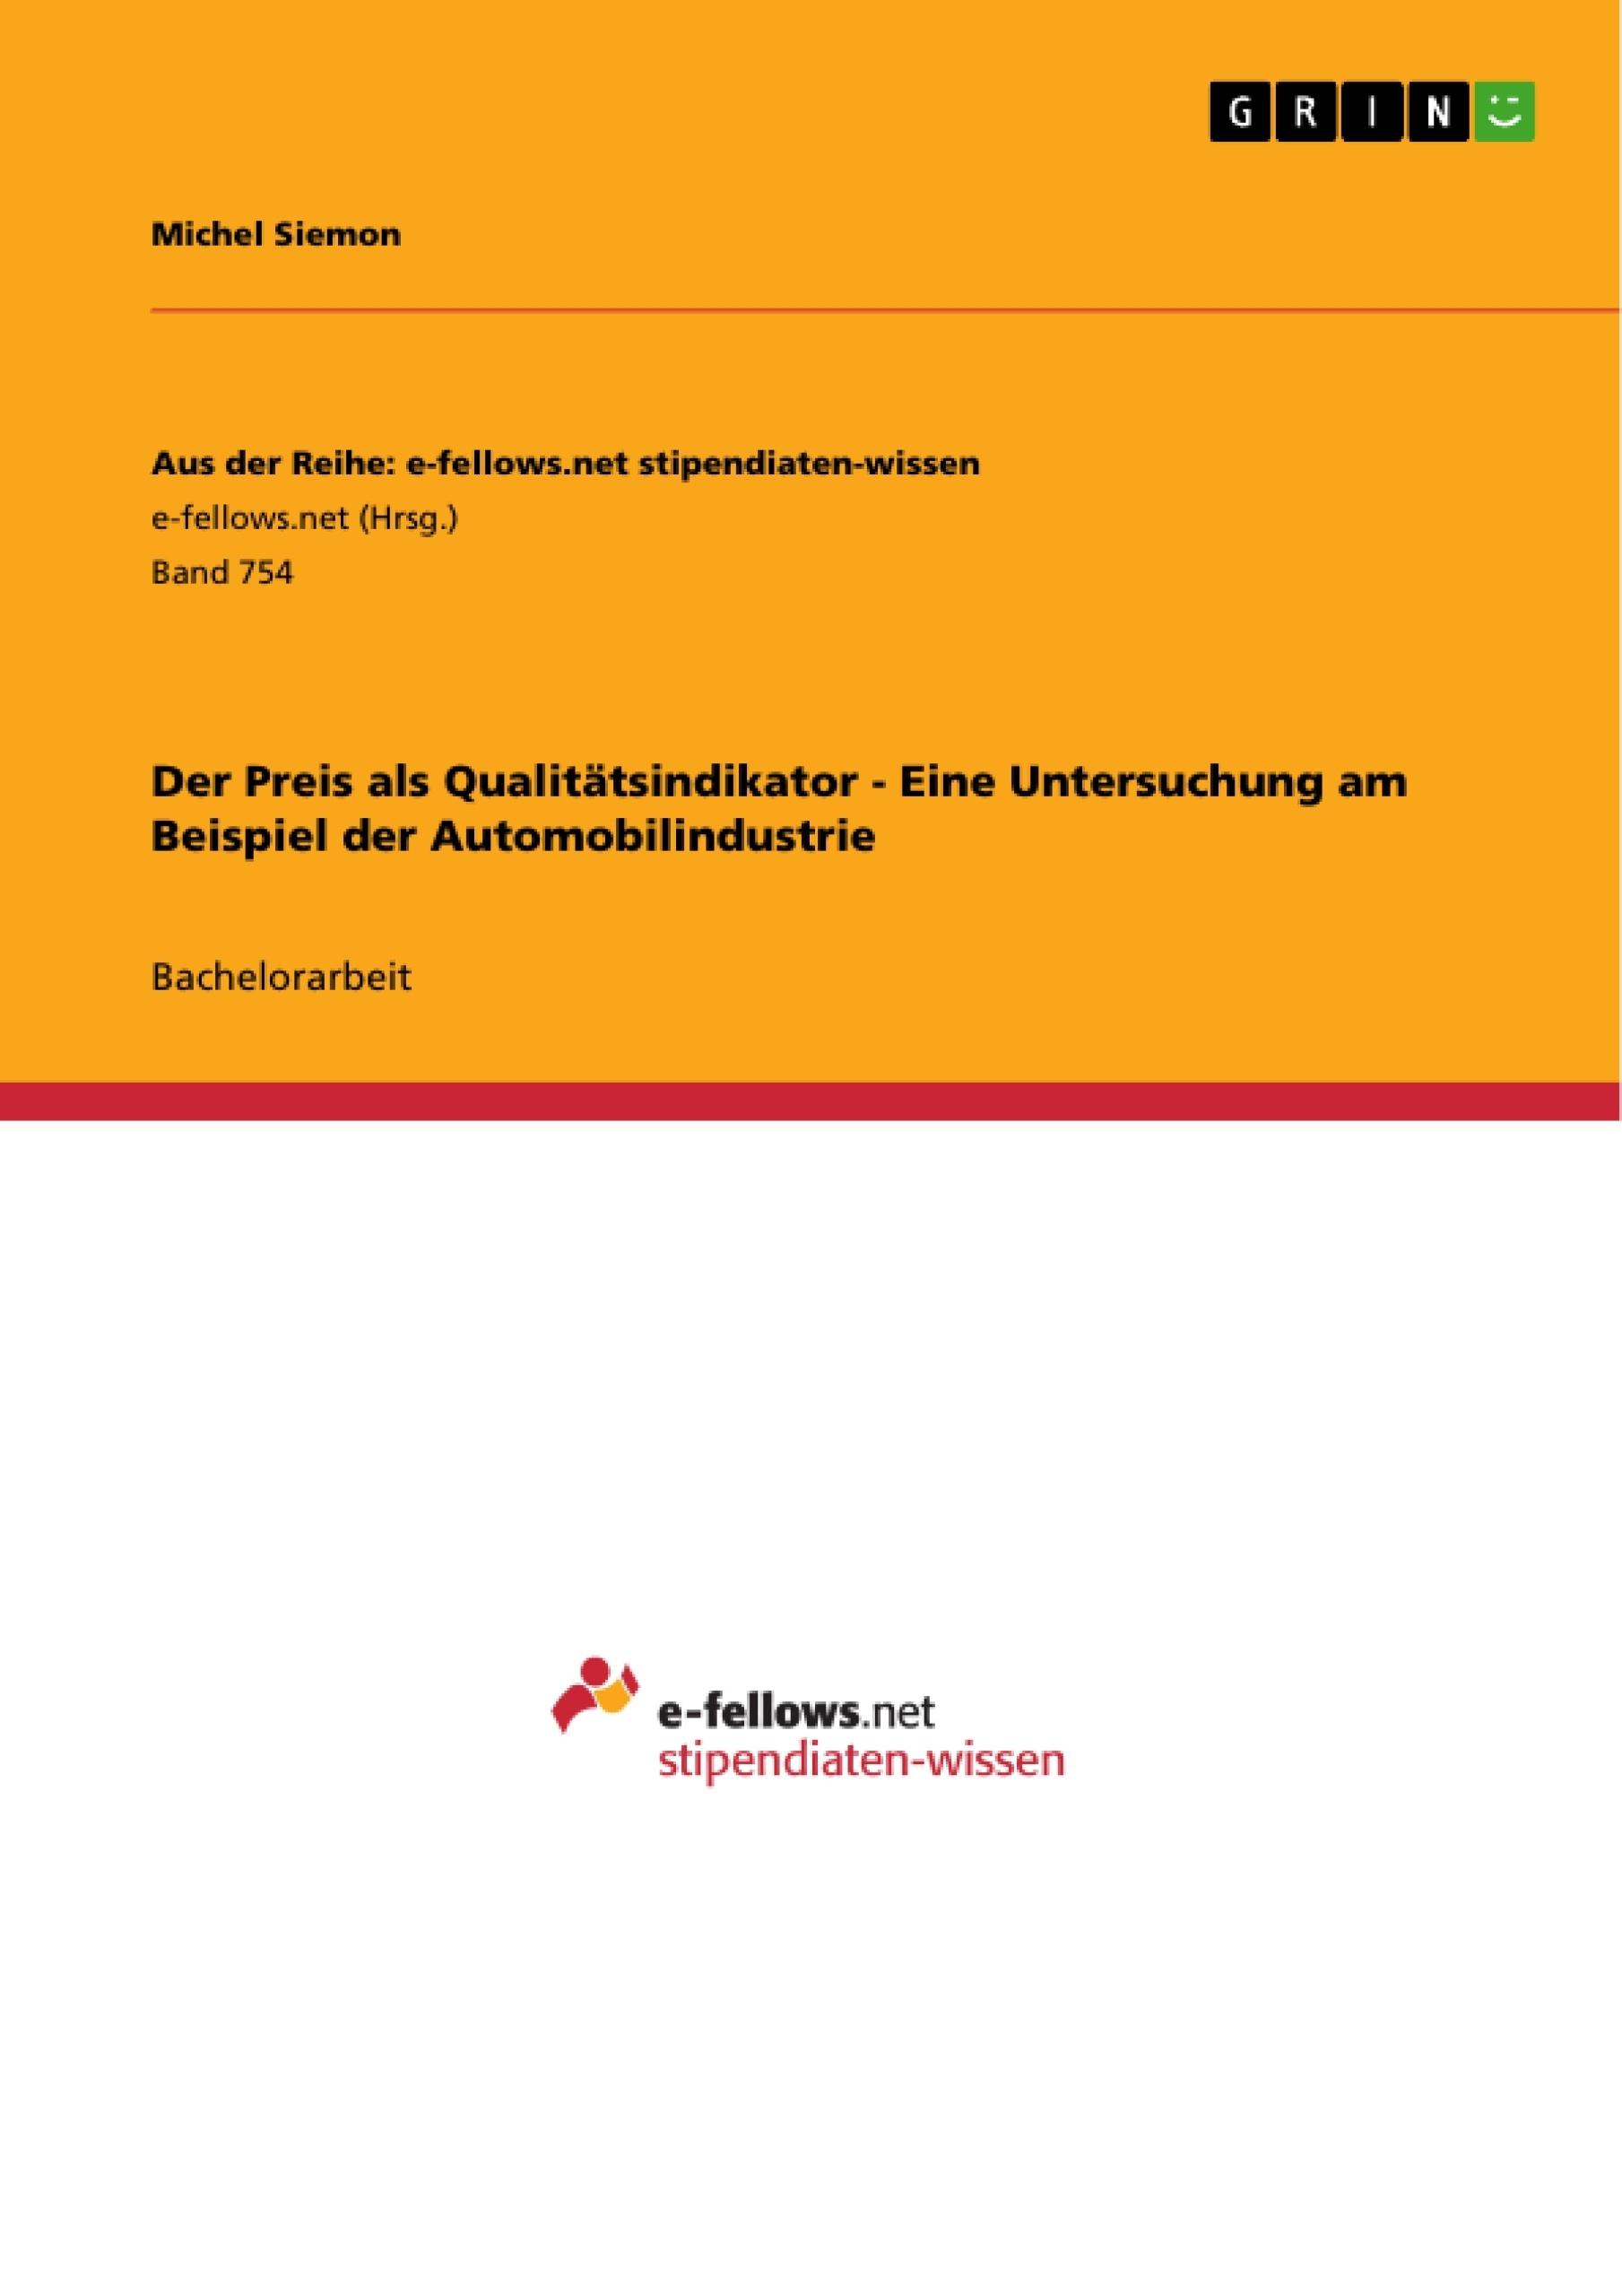 Titel: Der Preis als Qualitätsindikator. Eine Untersuchung am Beispiel der Automobilindustrie